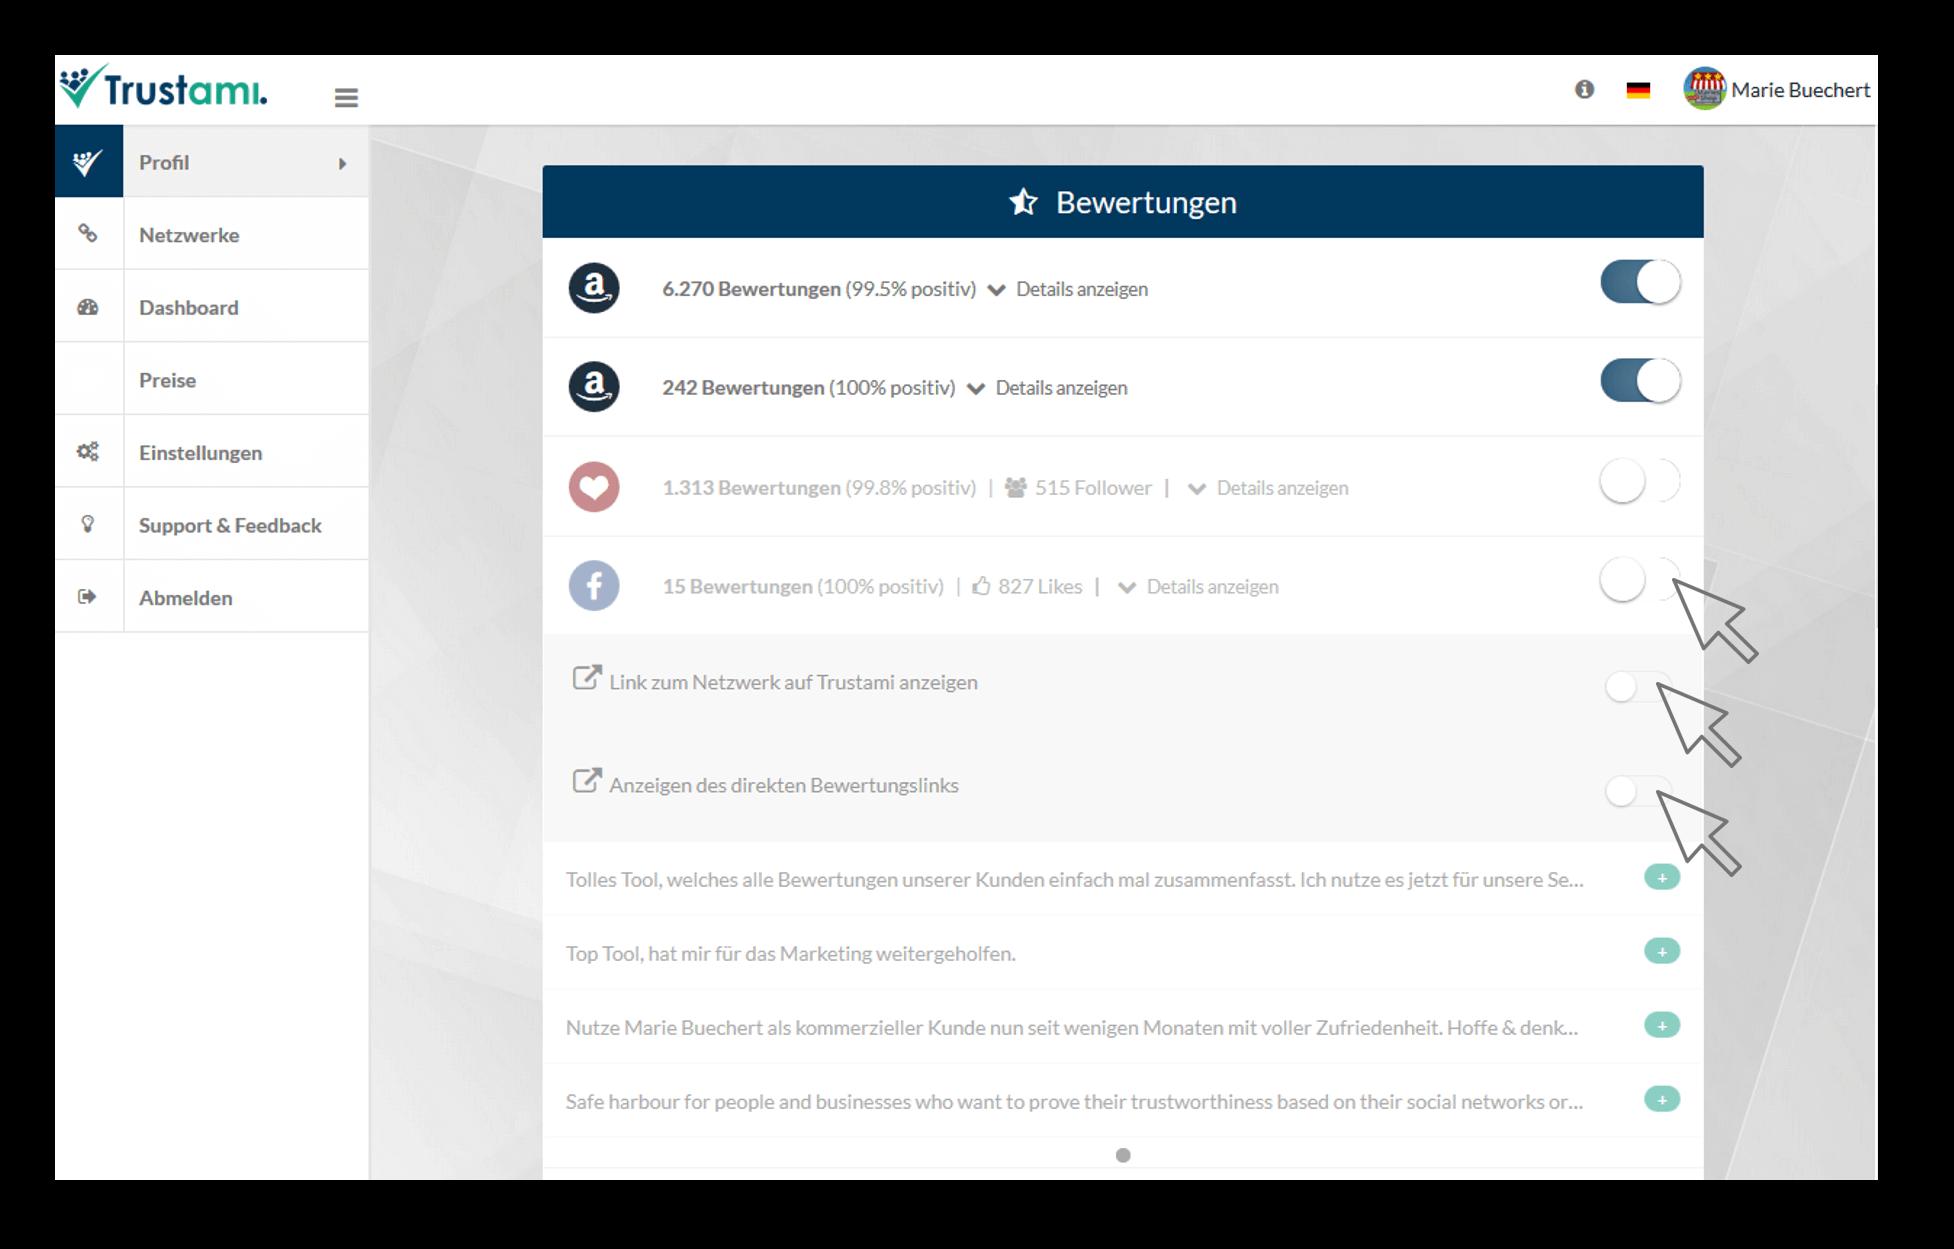 Trustami Profil Netzwerke anzeigen